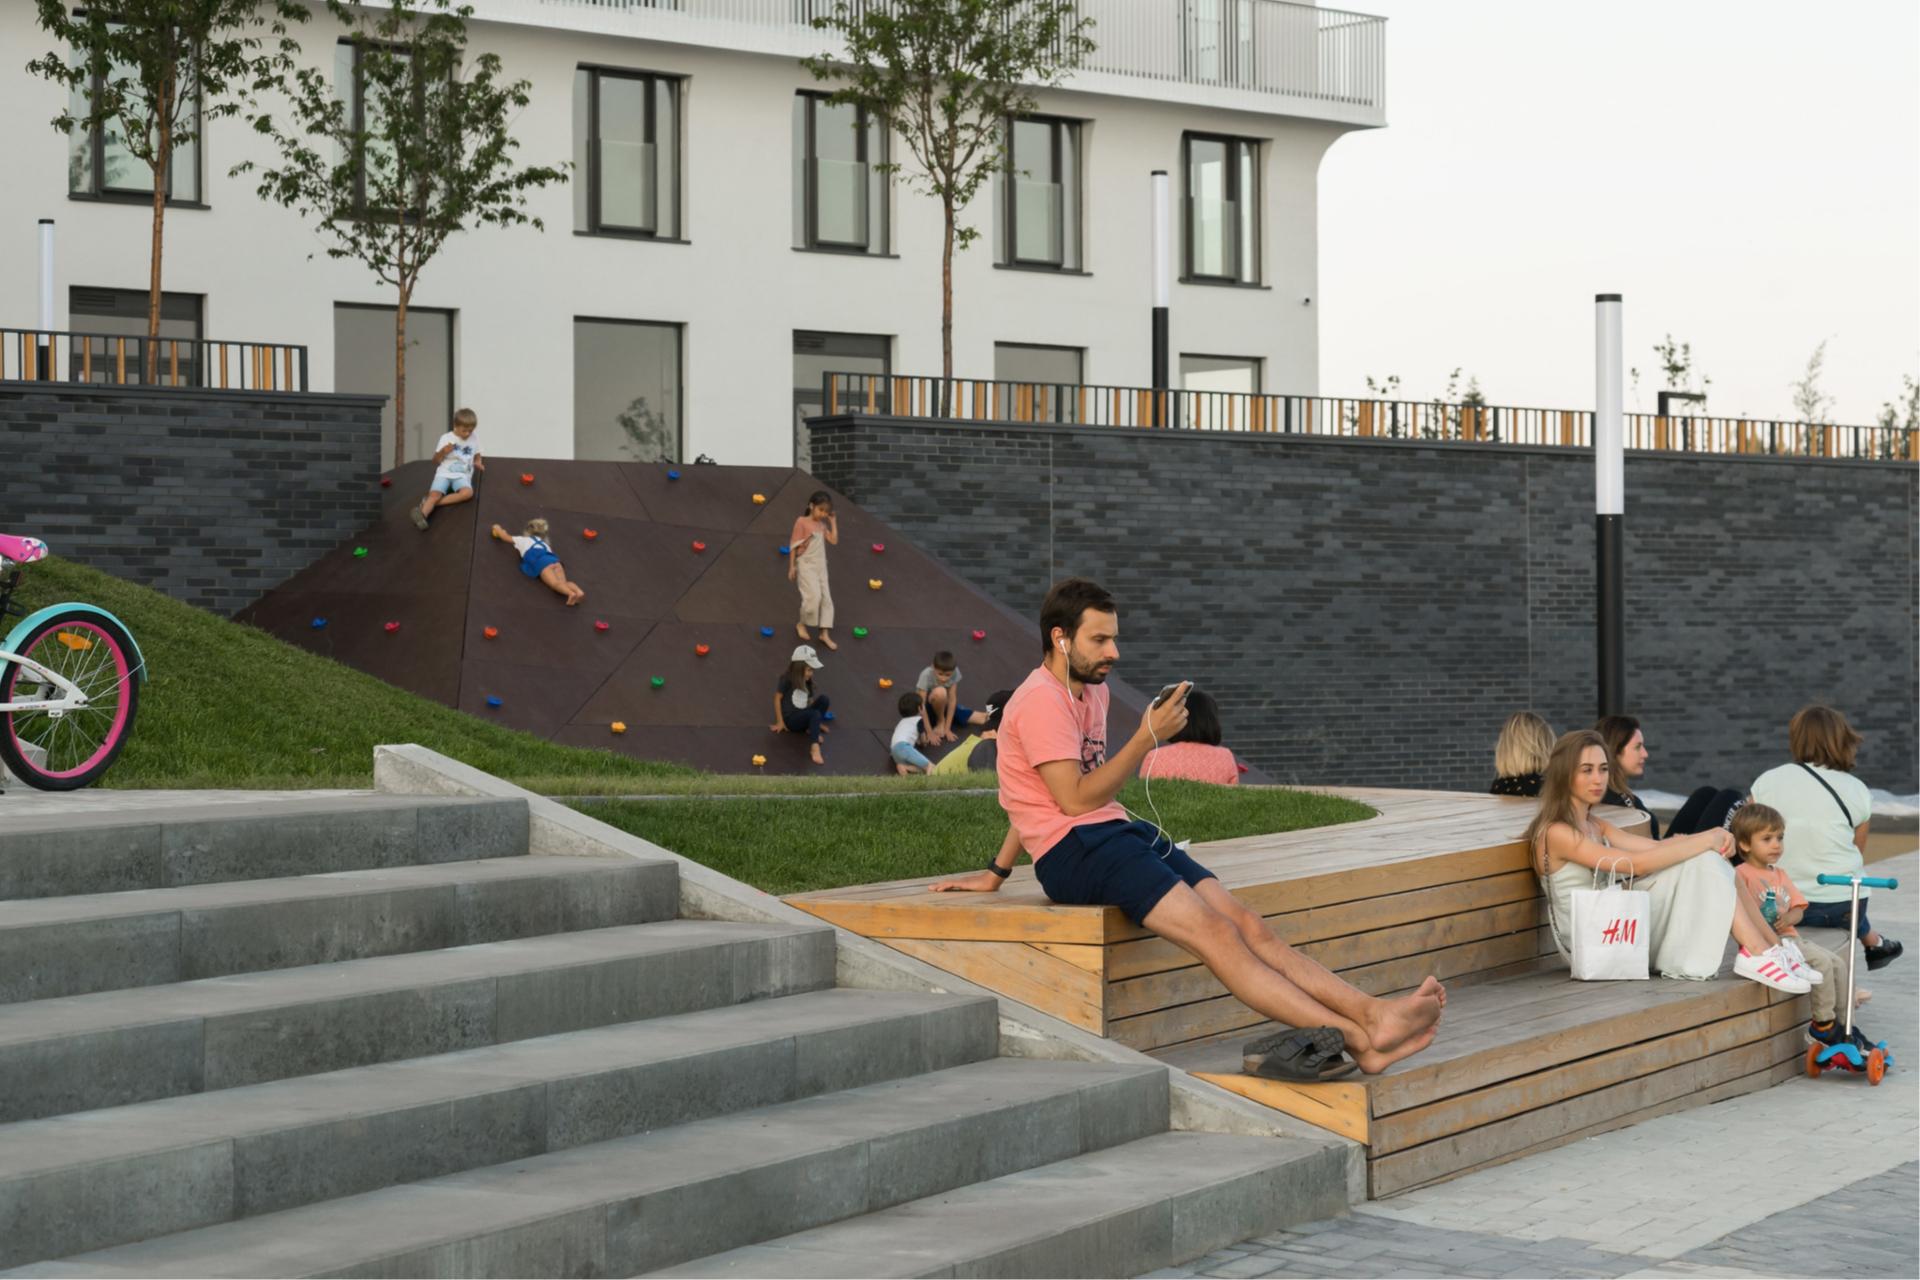 Продолжат развиваться общественные пространства в домах — в них будет расти число услуг, которые жители смогут получить как можно ближе к дому